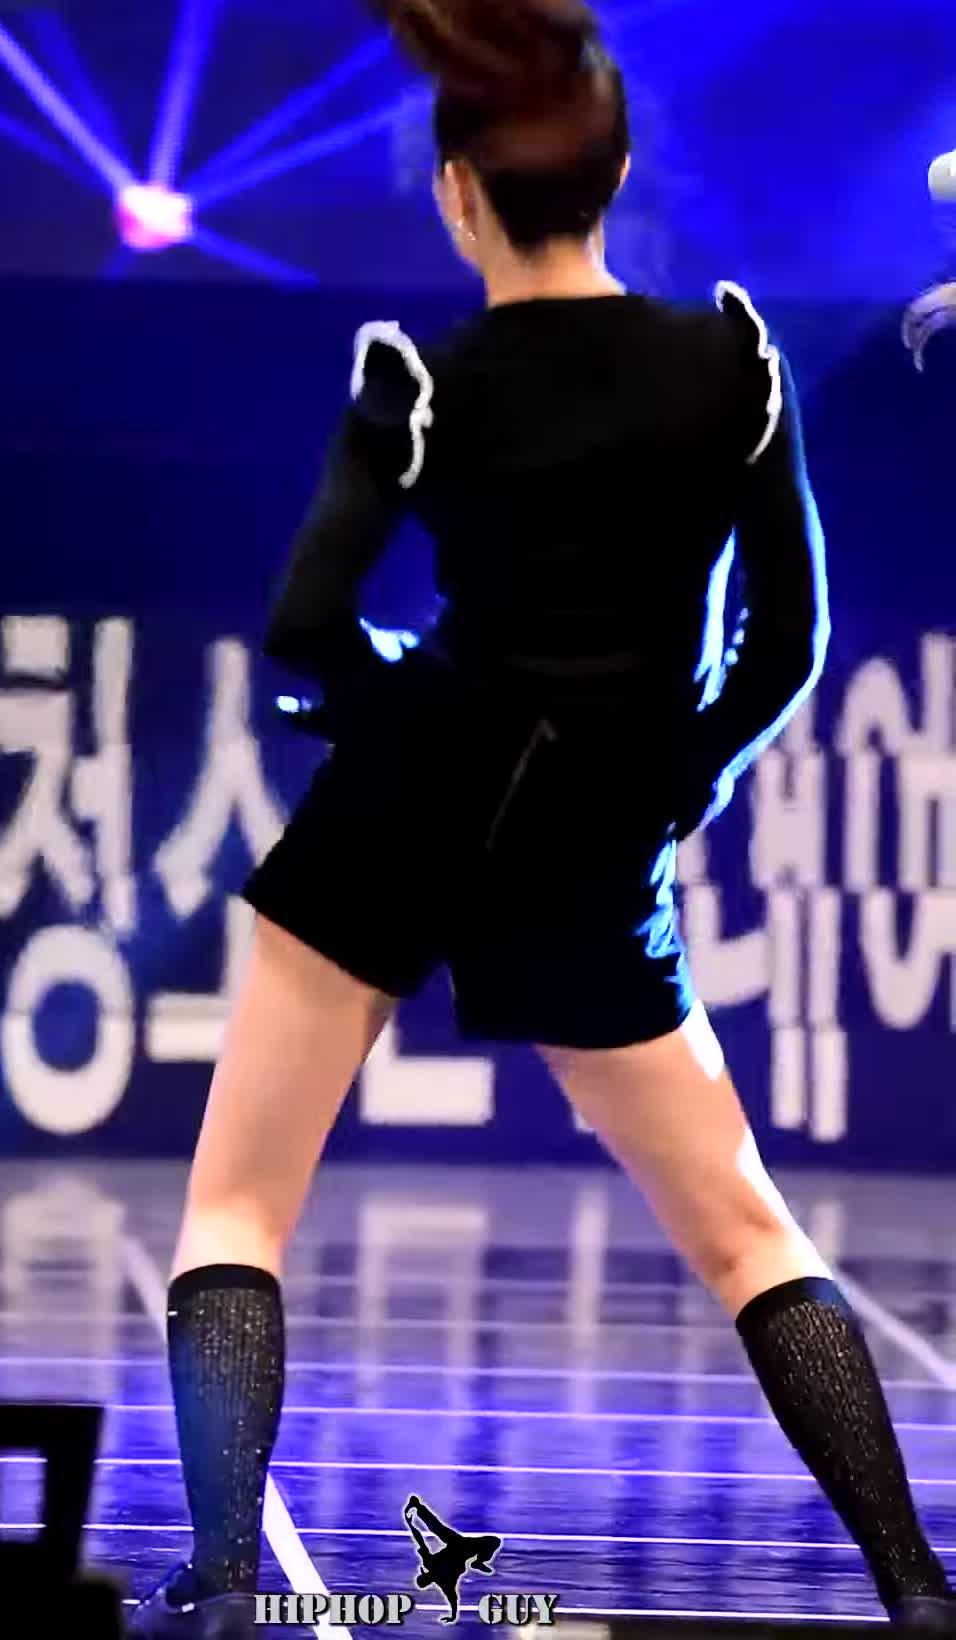 슬기, Red Velvet Seulgi's Cute Socks Lead GFY GIFs